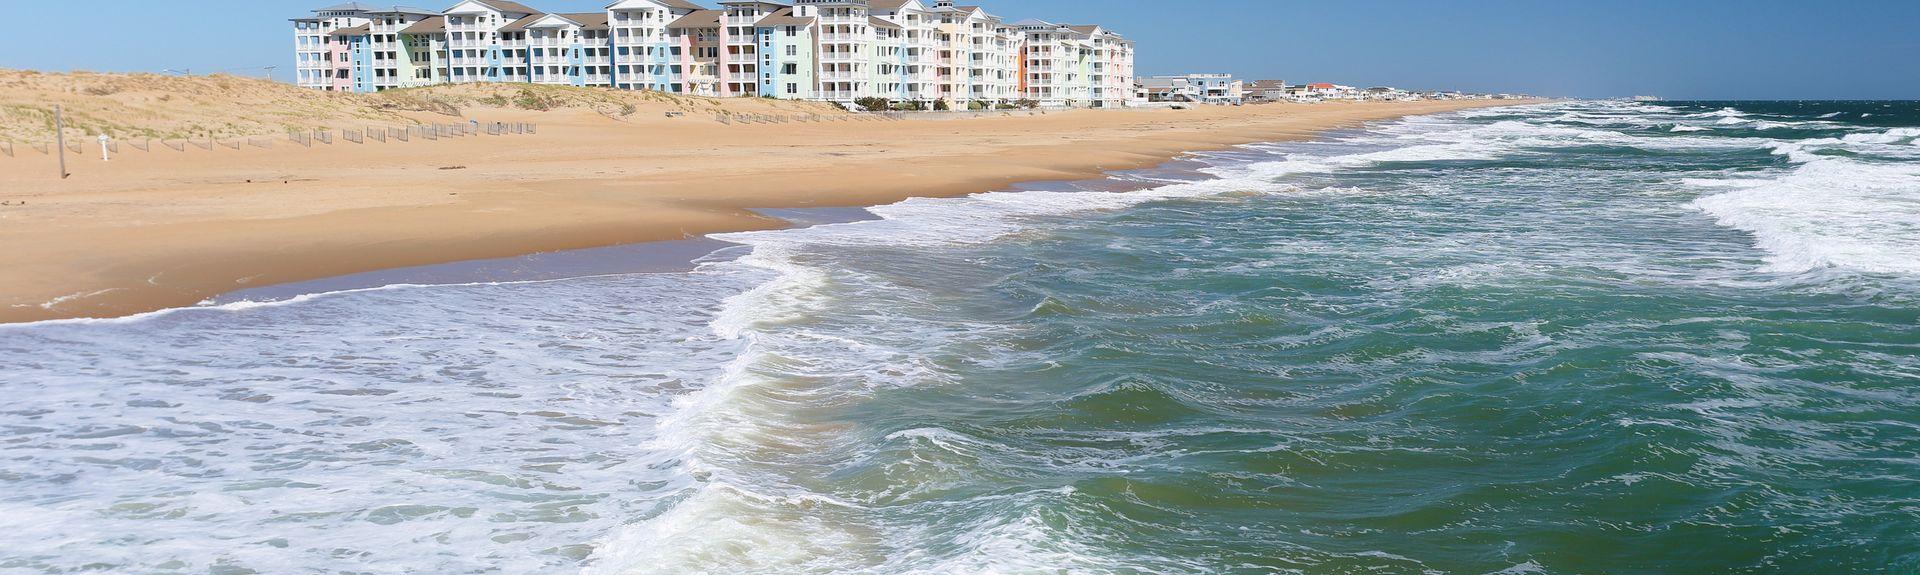 Virginia Beach, Virginia, Estados Unidos